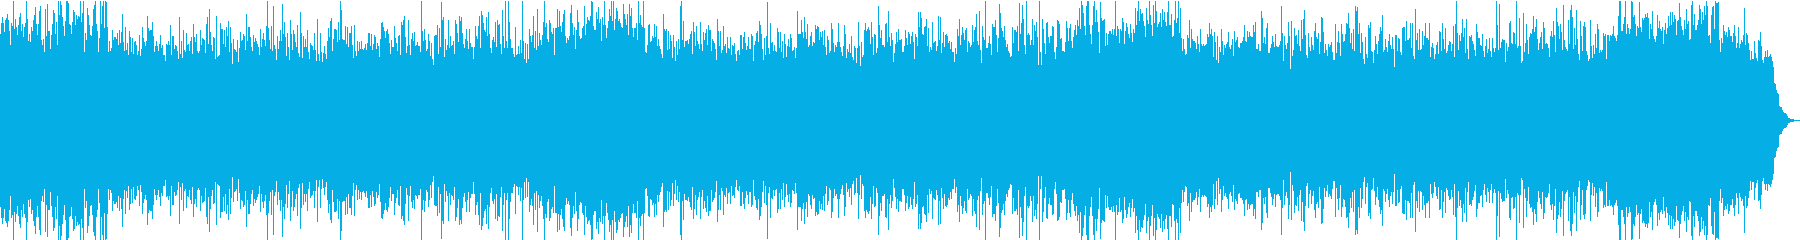 おだやかキラキラ/イントロ17秒の再生済みの波形